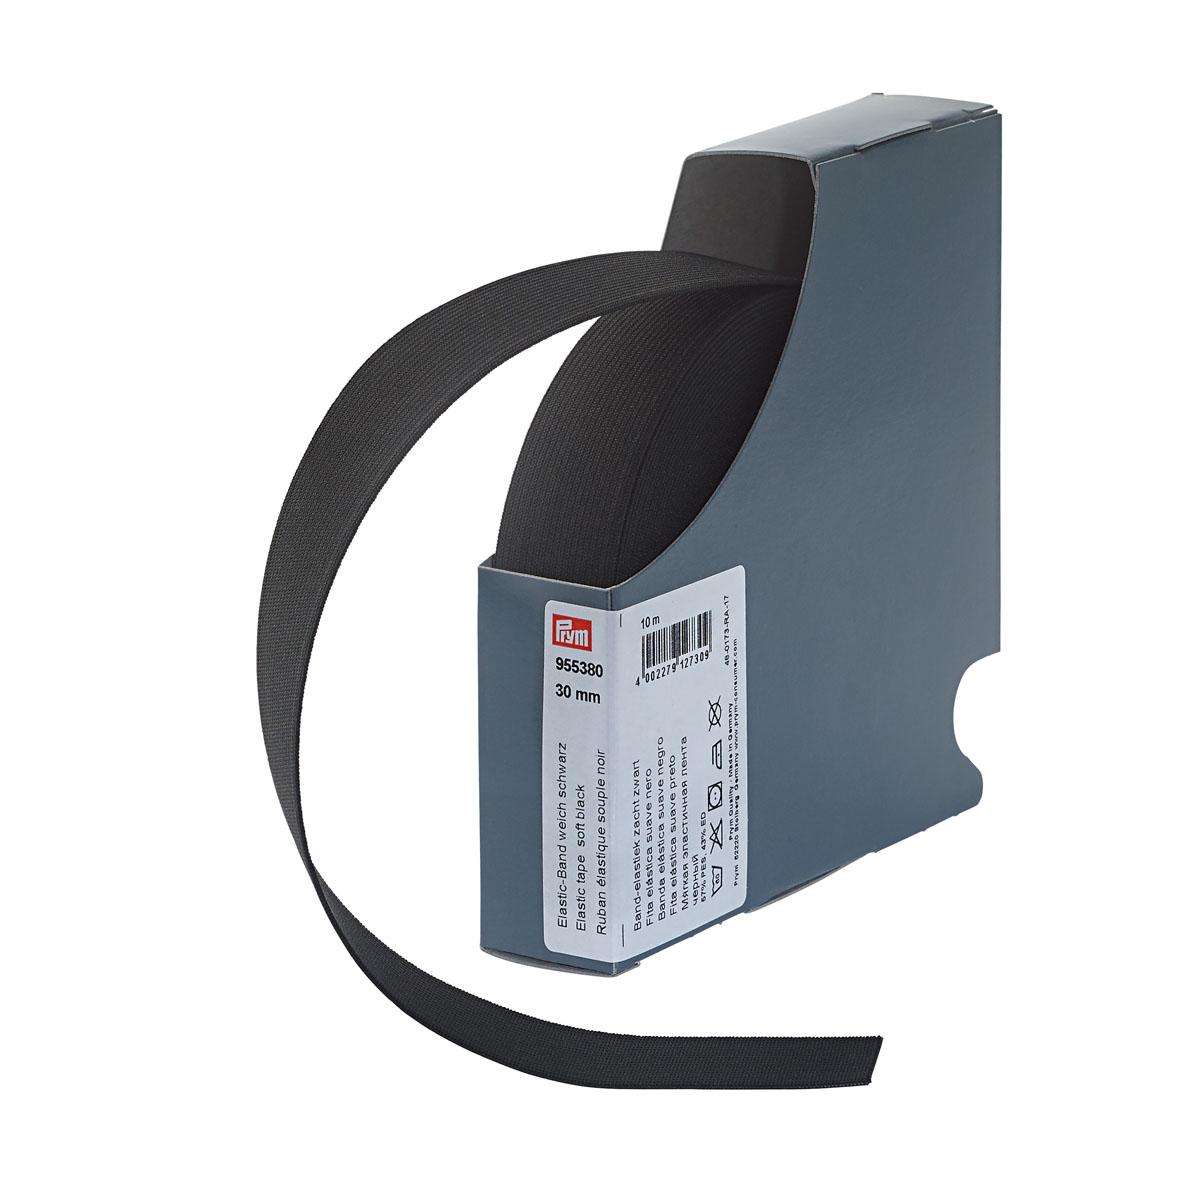 955380 Мягкая эластичная лента 30 мм черный цв. Prym